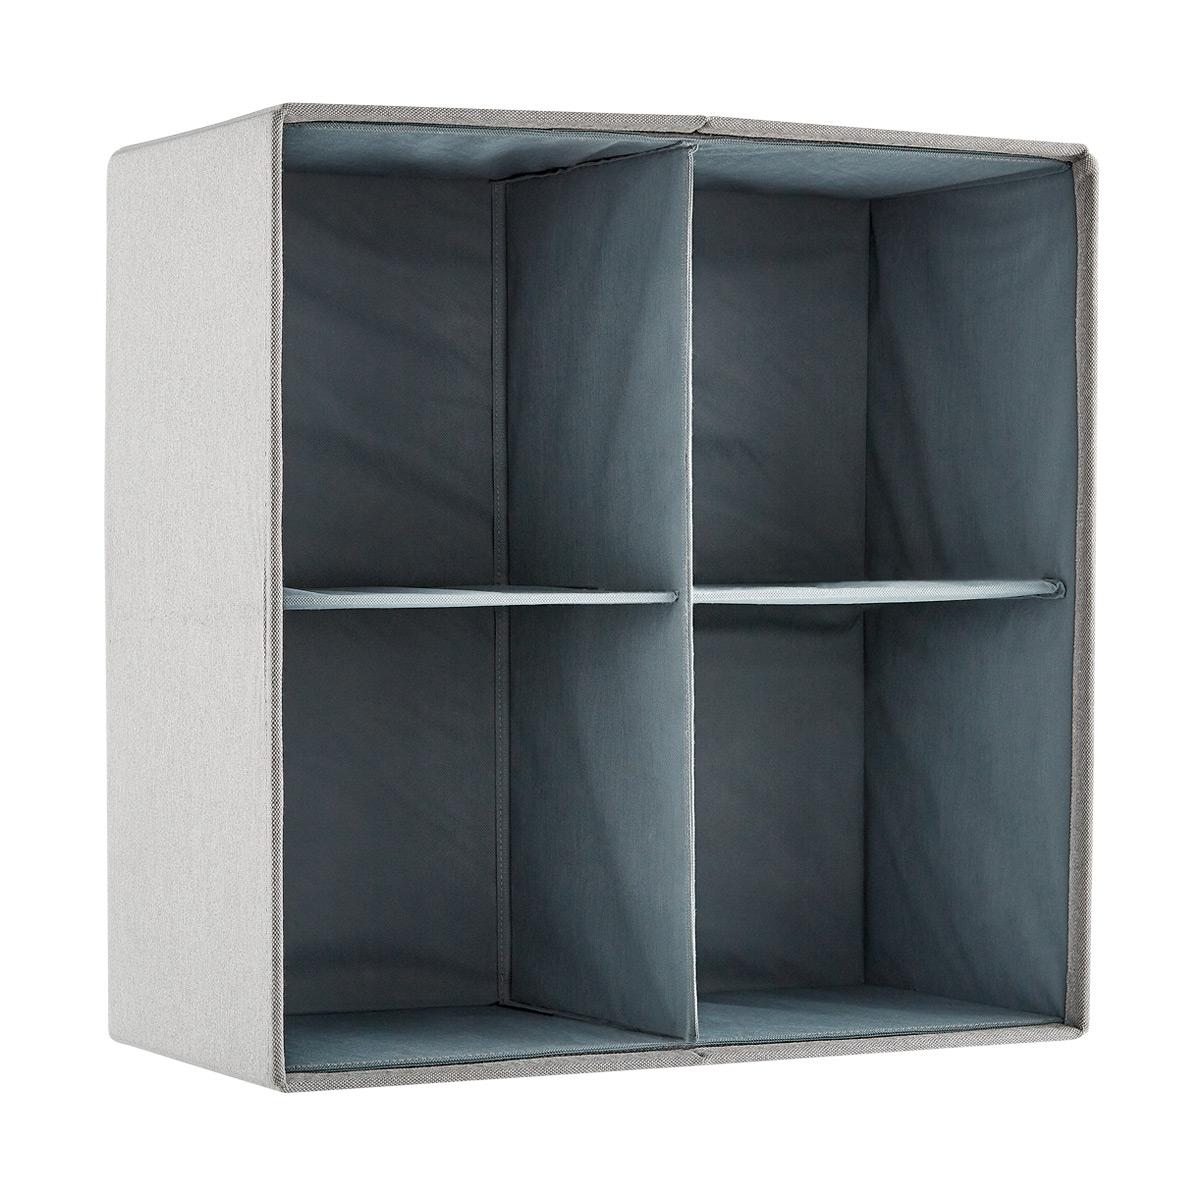 2x2 Storage Cubby